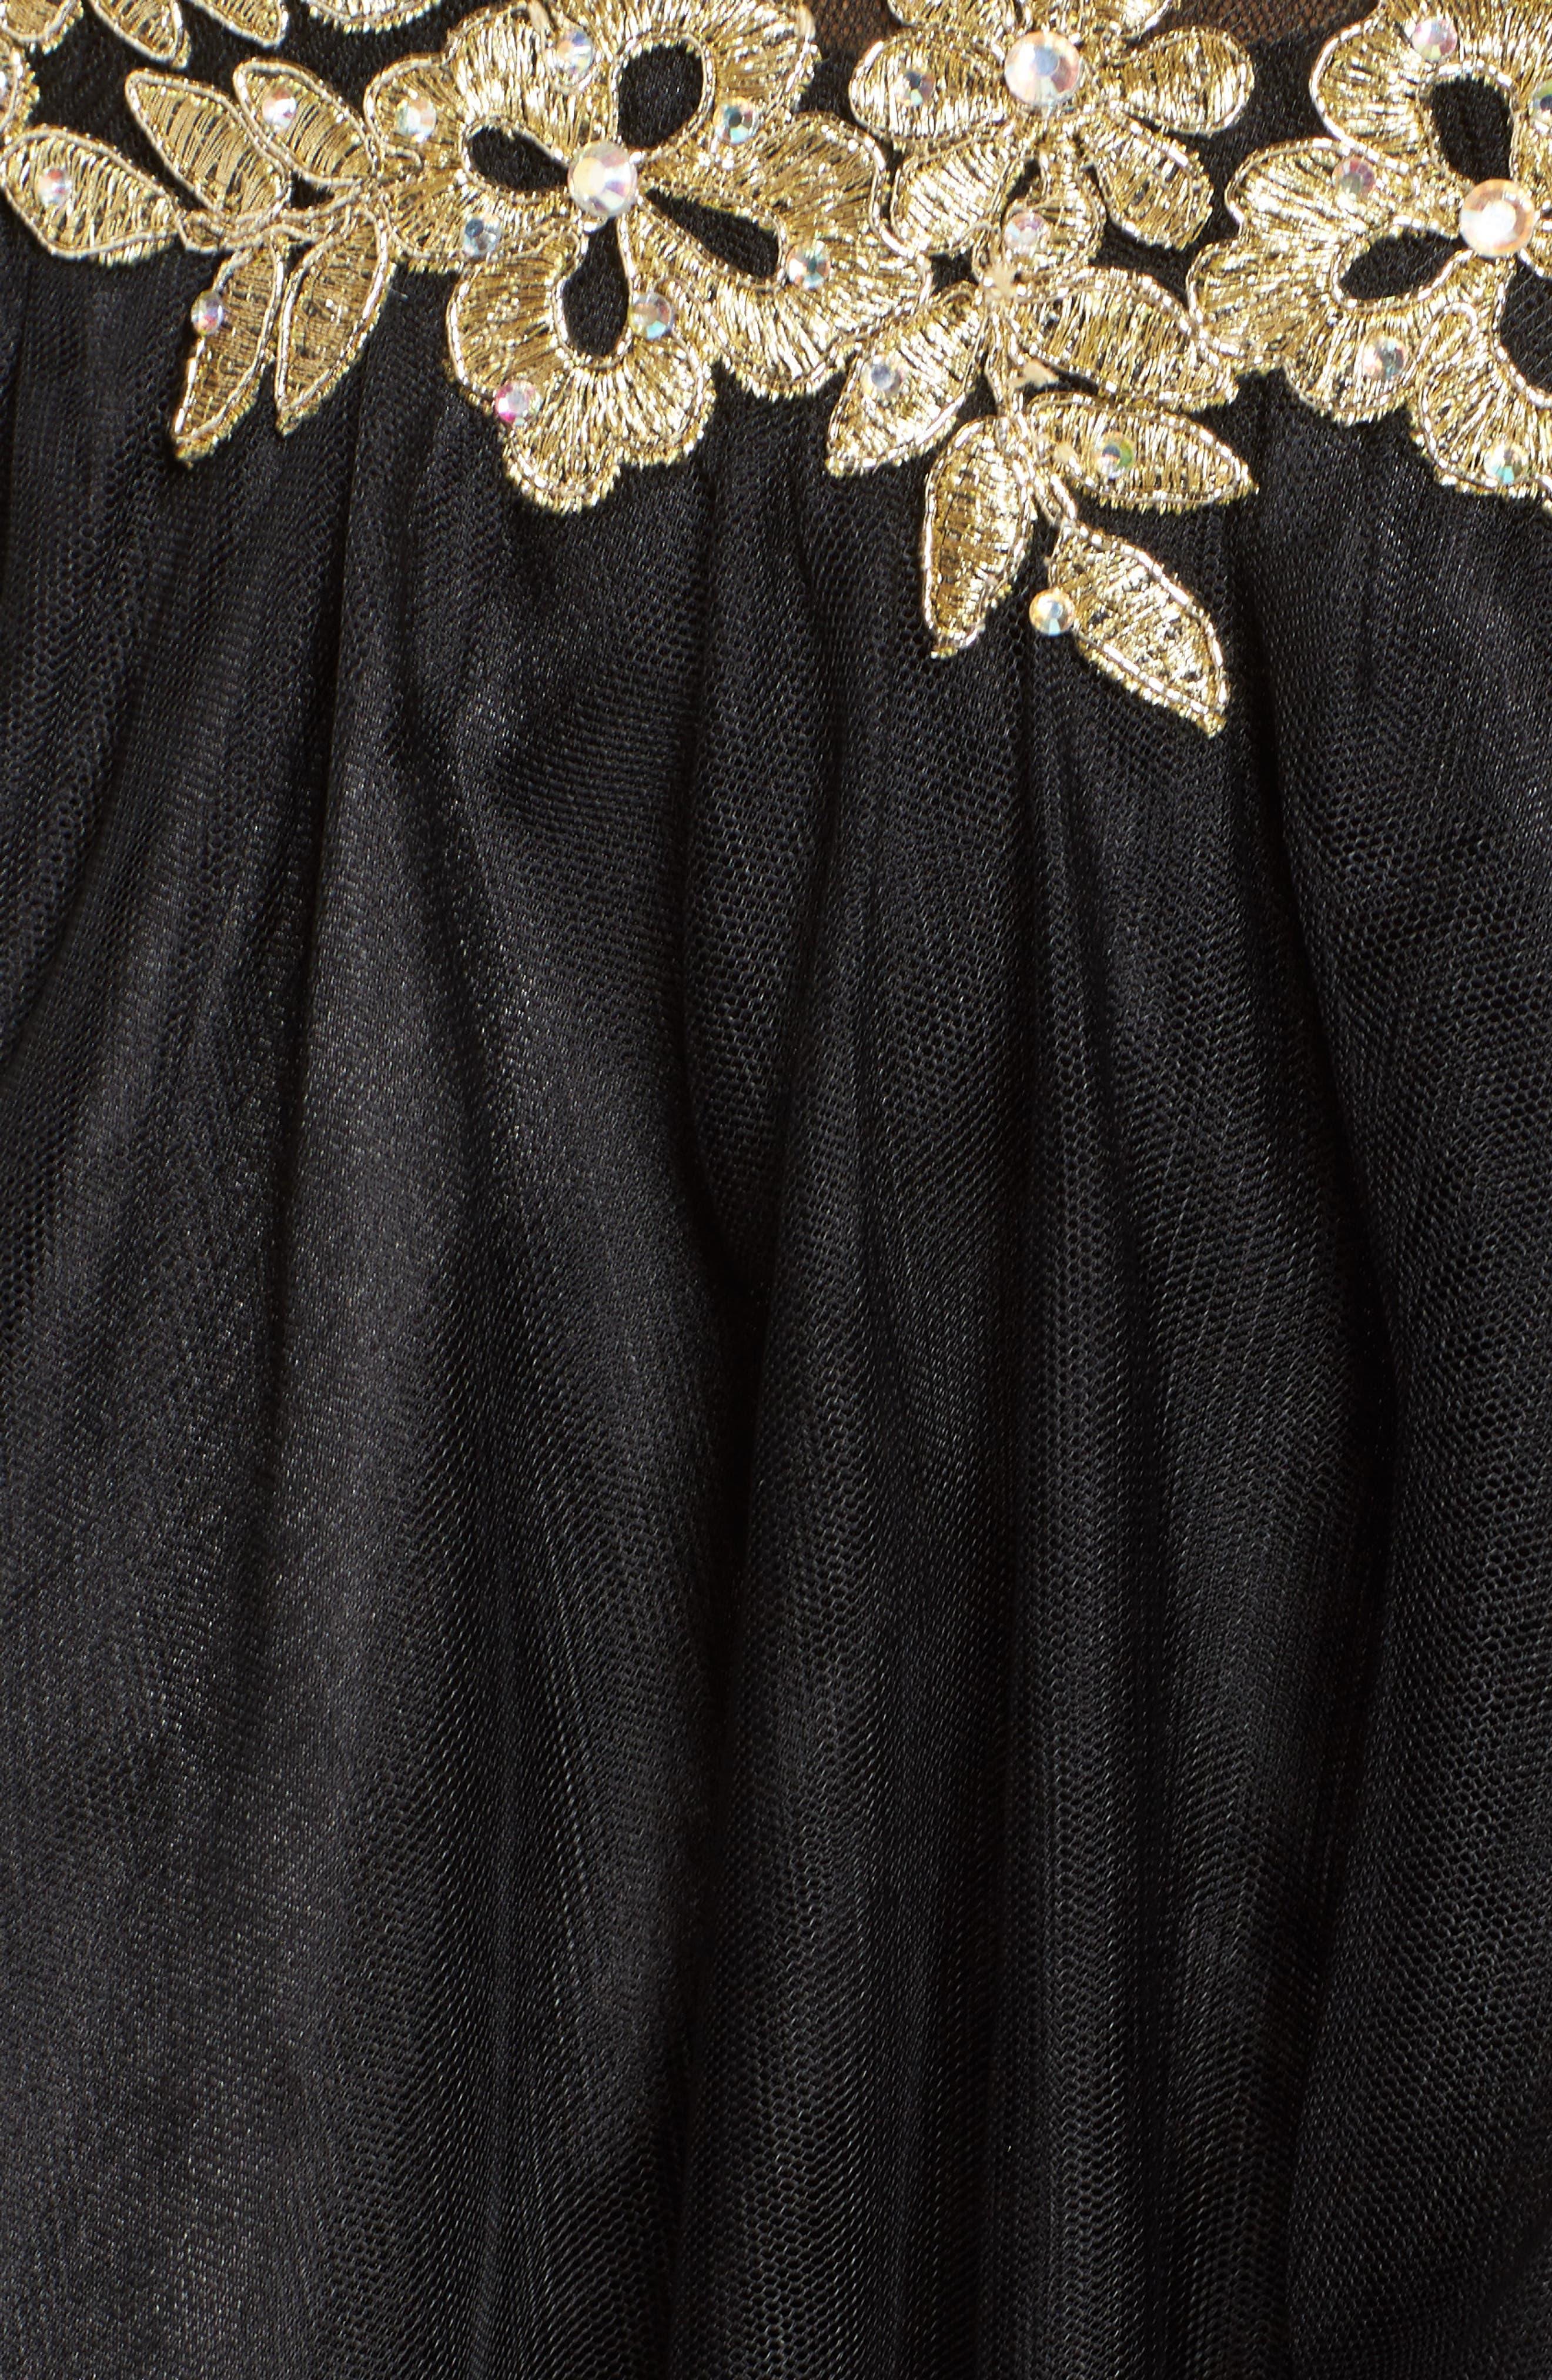 Appliqué Strapless Fit & Flare Dress,                             Alternate thumbnail 5, color,                             Black/ Gold